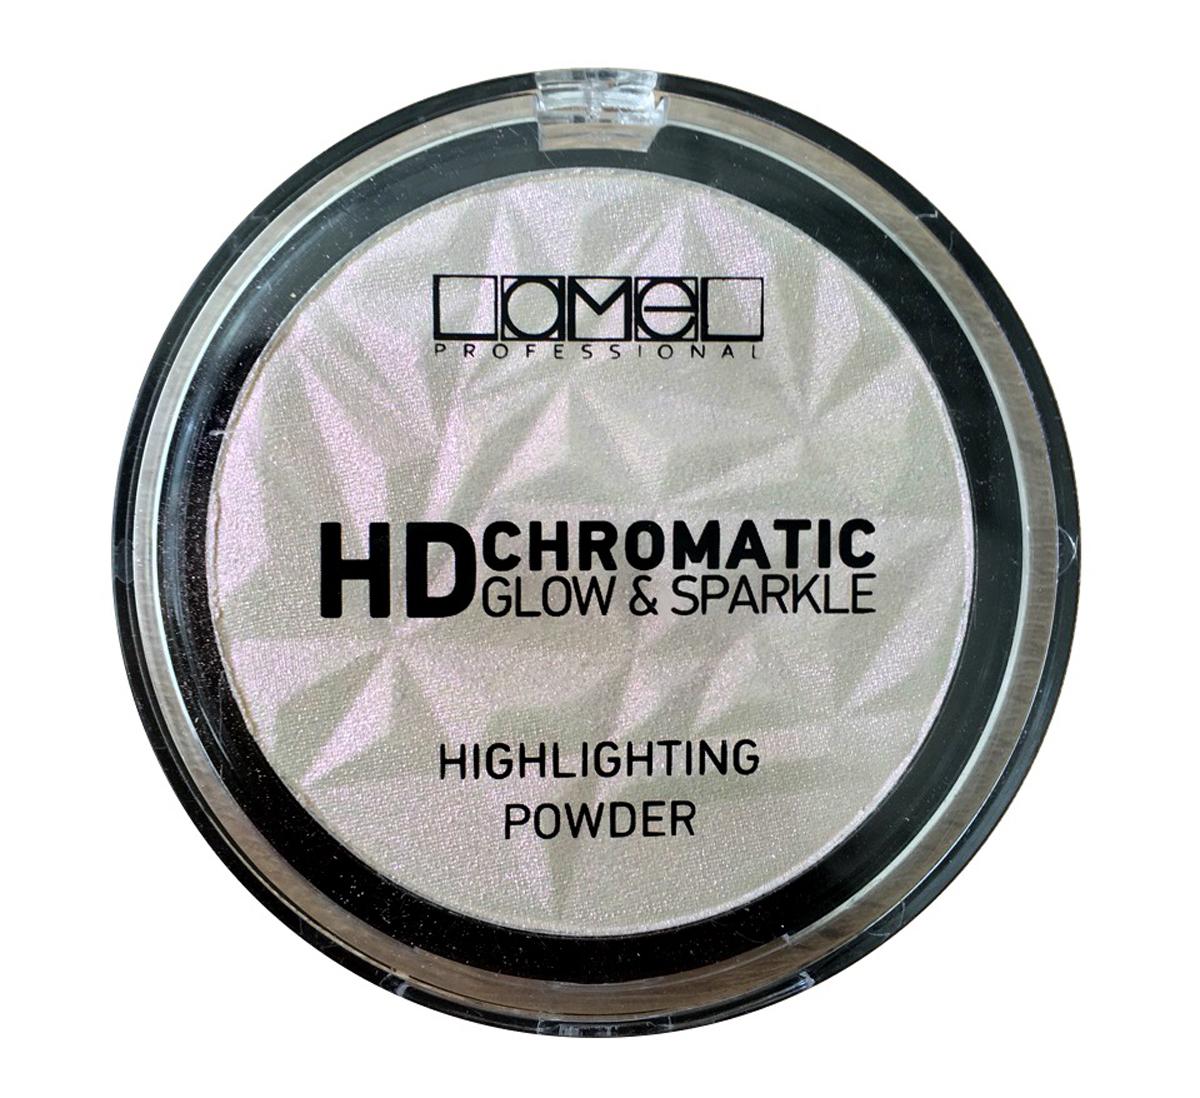 Lamel Professional Пудра-хайлайтер для лица HD Chromatic 1025060522580829Фантастическое сияние кожи! Хайлайтер с хроматическим сиянием от Lamel Professional дает коже не просто однотонное сияние, а волшебный перелив. Эффект от хроматического хайлайтера заметен при любом освещении. Это возможно благодаря крайне мелкому помолу (значительно мельче, чем у обычного хайлайтера). Хроматическая пудра создает на коже модный эффект металлик. Рекомендуется использовать совместно с тональной основой и праймером Lamel Professional.